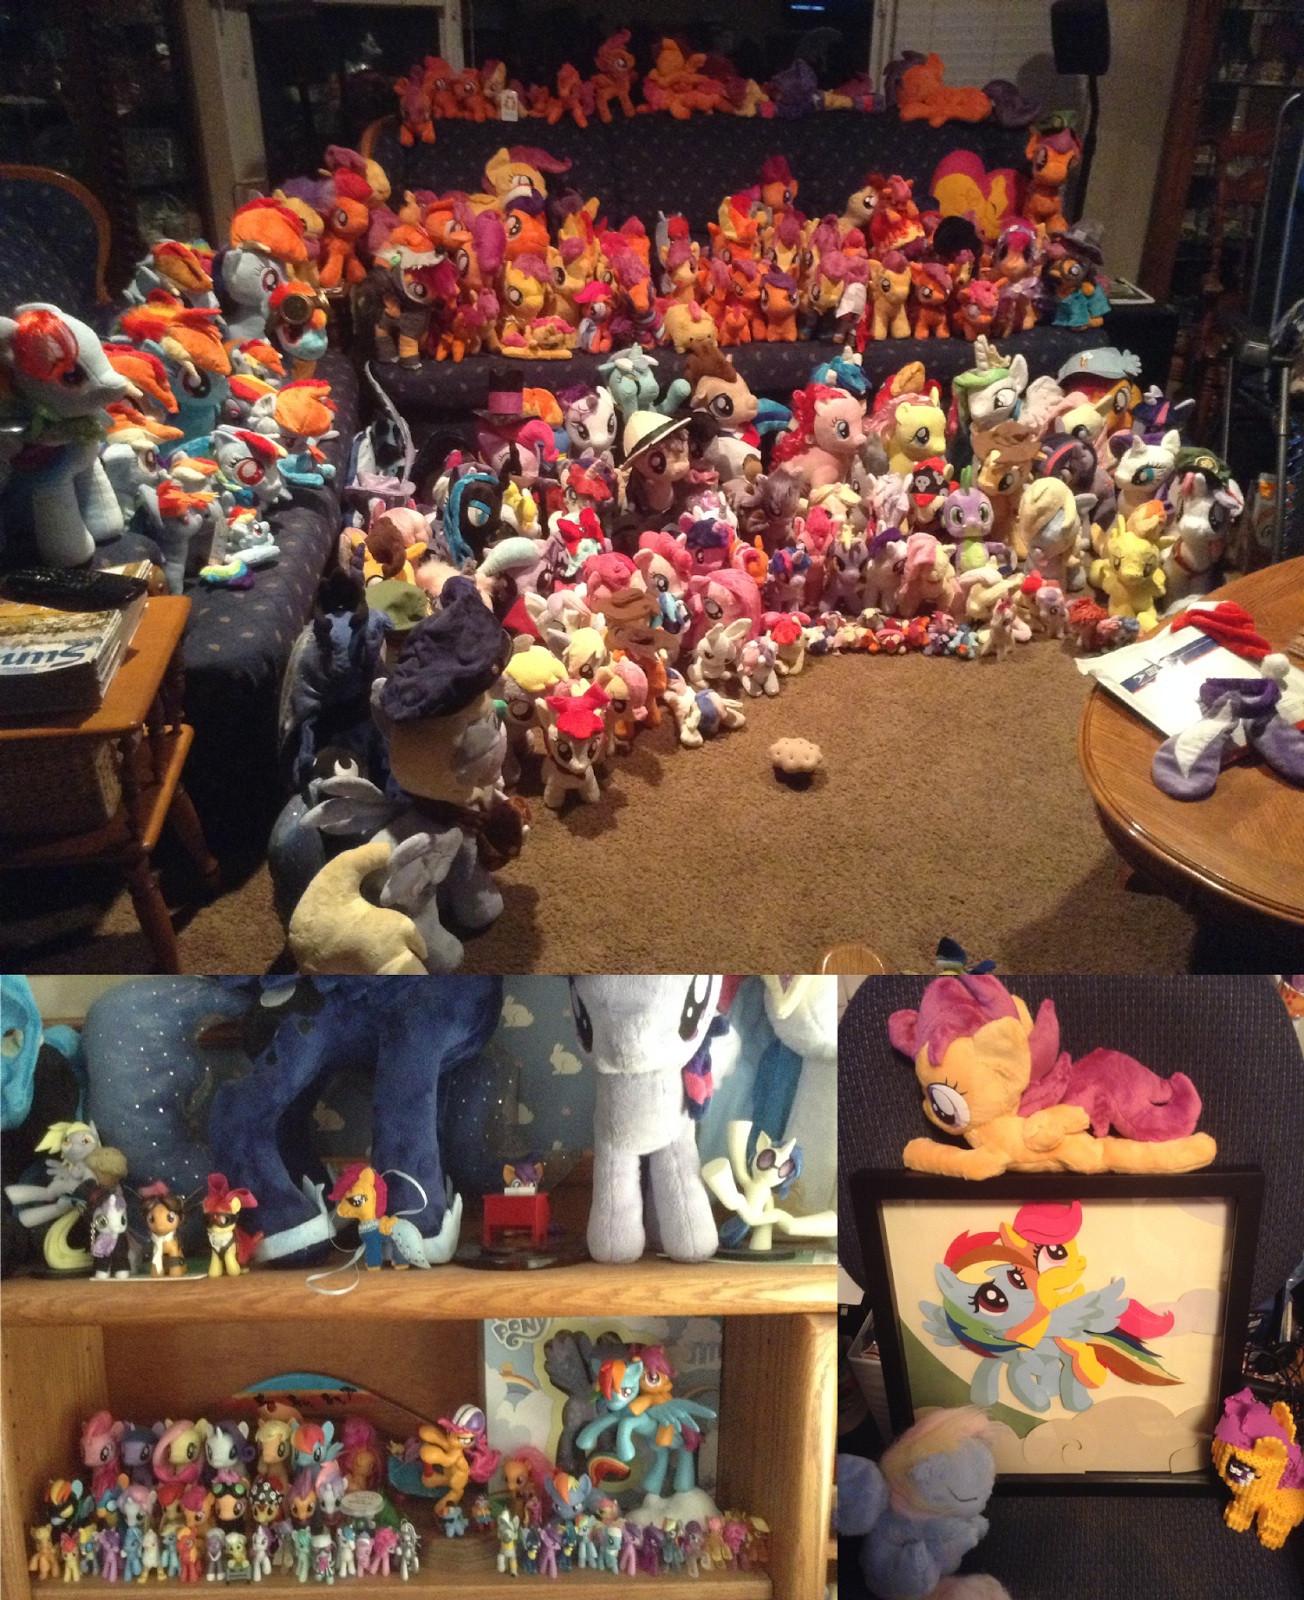 【画像】海外のマイリトルポニーオタクの部屋が凄すぎる件wwwww  [264168779]->画像>33枚